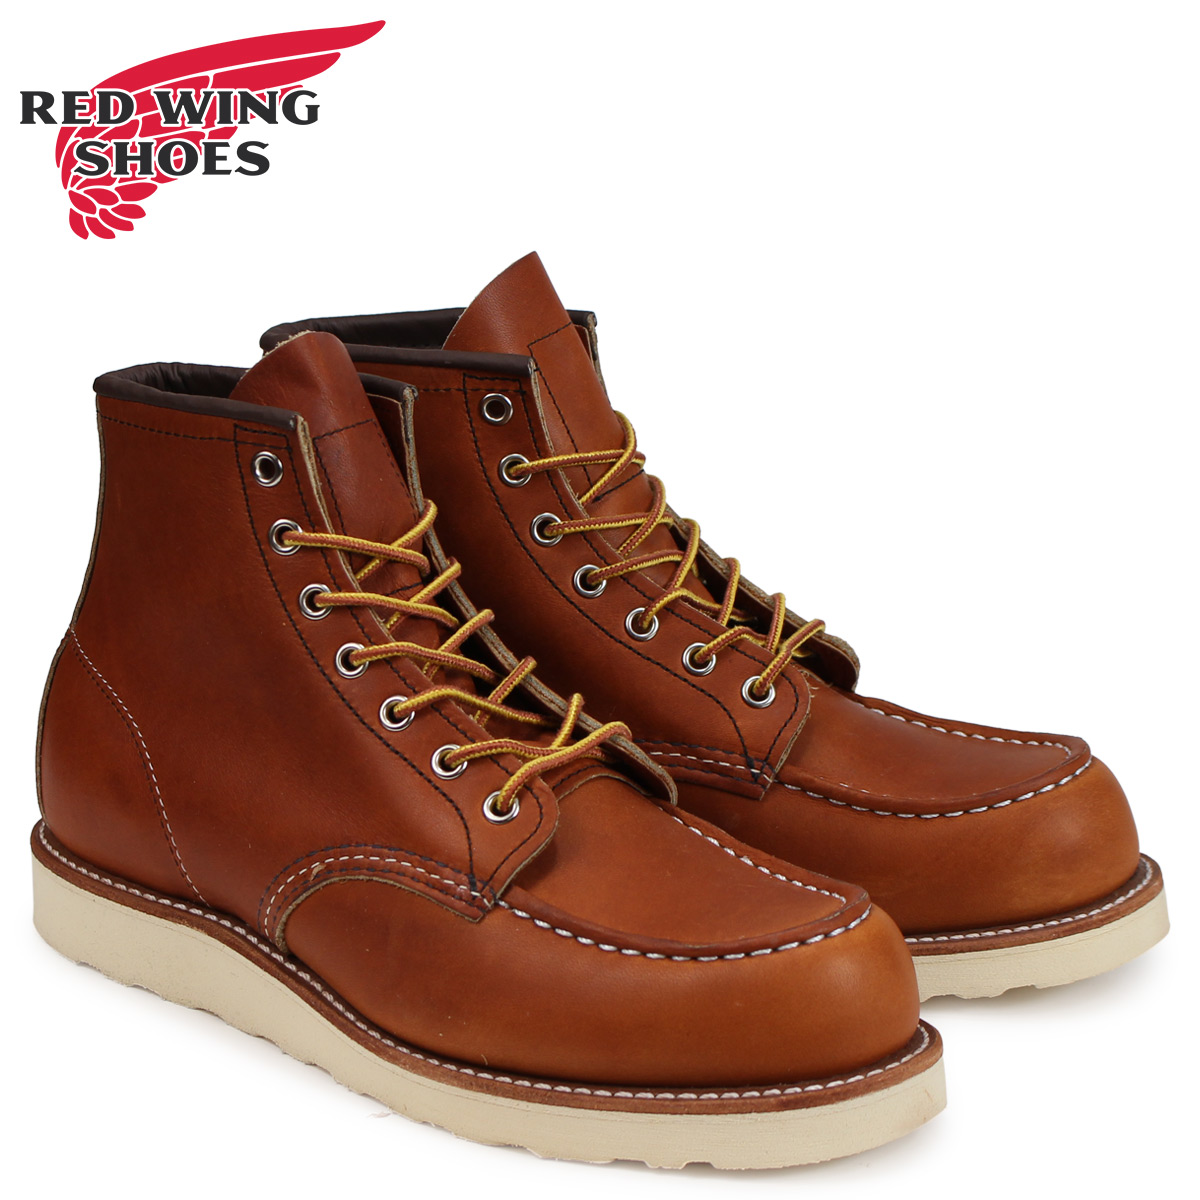 レッドウィング RED WING ブーツ アイリッシュセッター 6インチ クラシック モック メンズ 6INCH CLASSIC MOC Dワイズ ブラウン 875